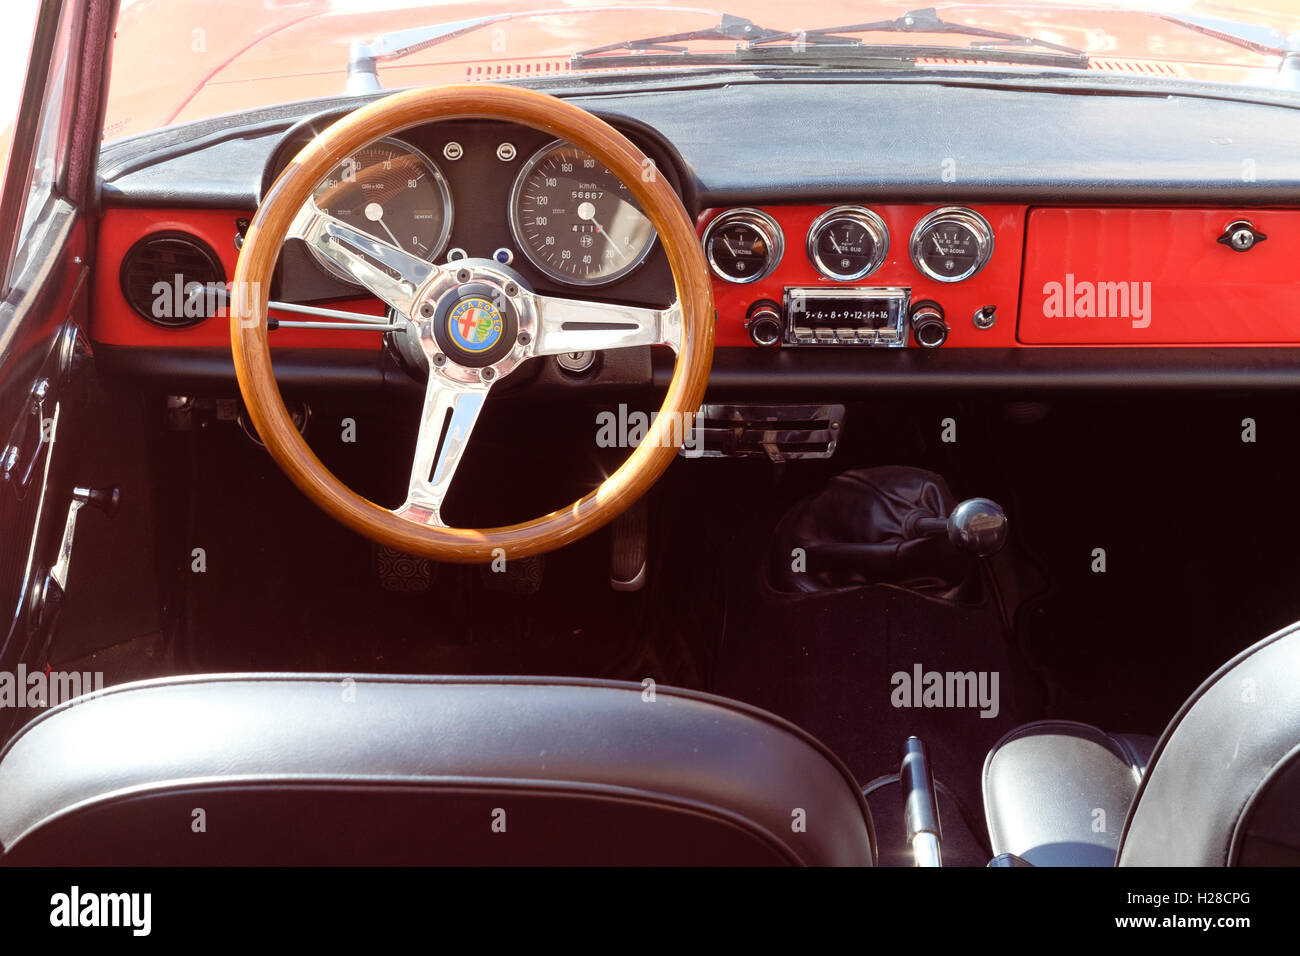 Ferrara, Italy -September 24, 2016. Interior of the Italian classic car, Alfa Romeo, photographed in Ferrara, Italy - Stock Image